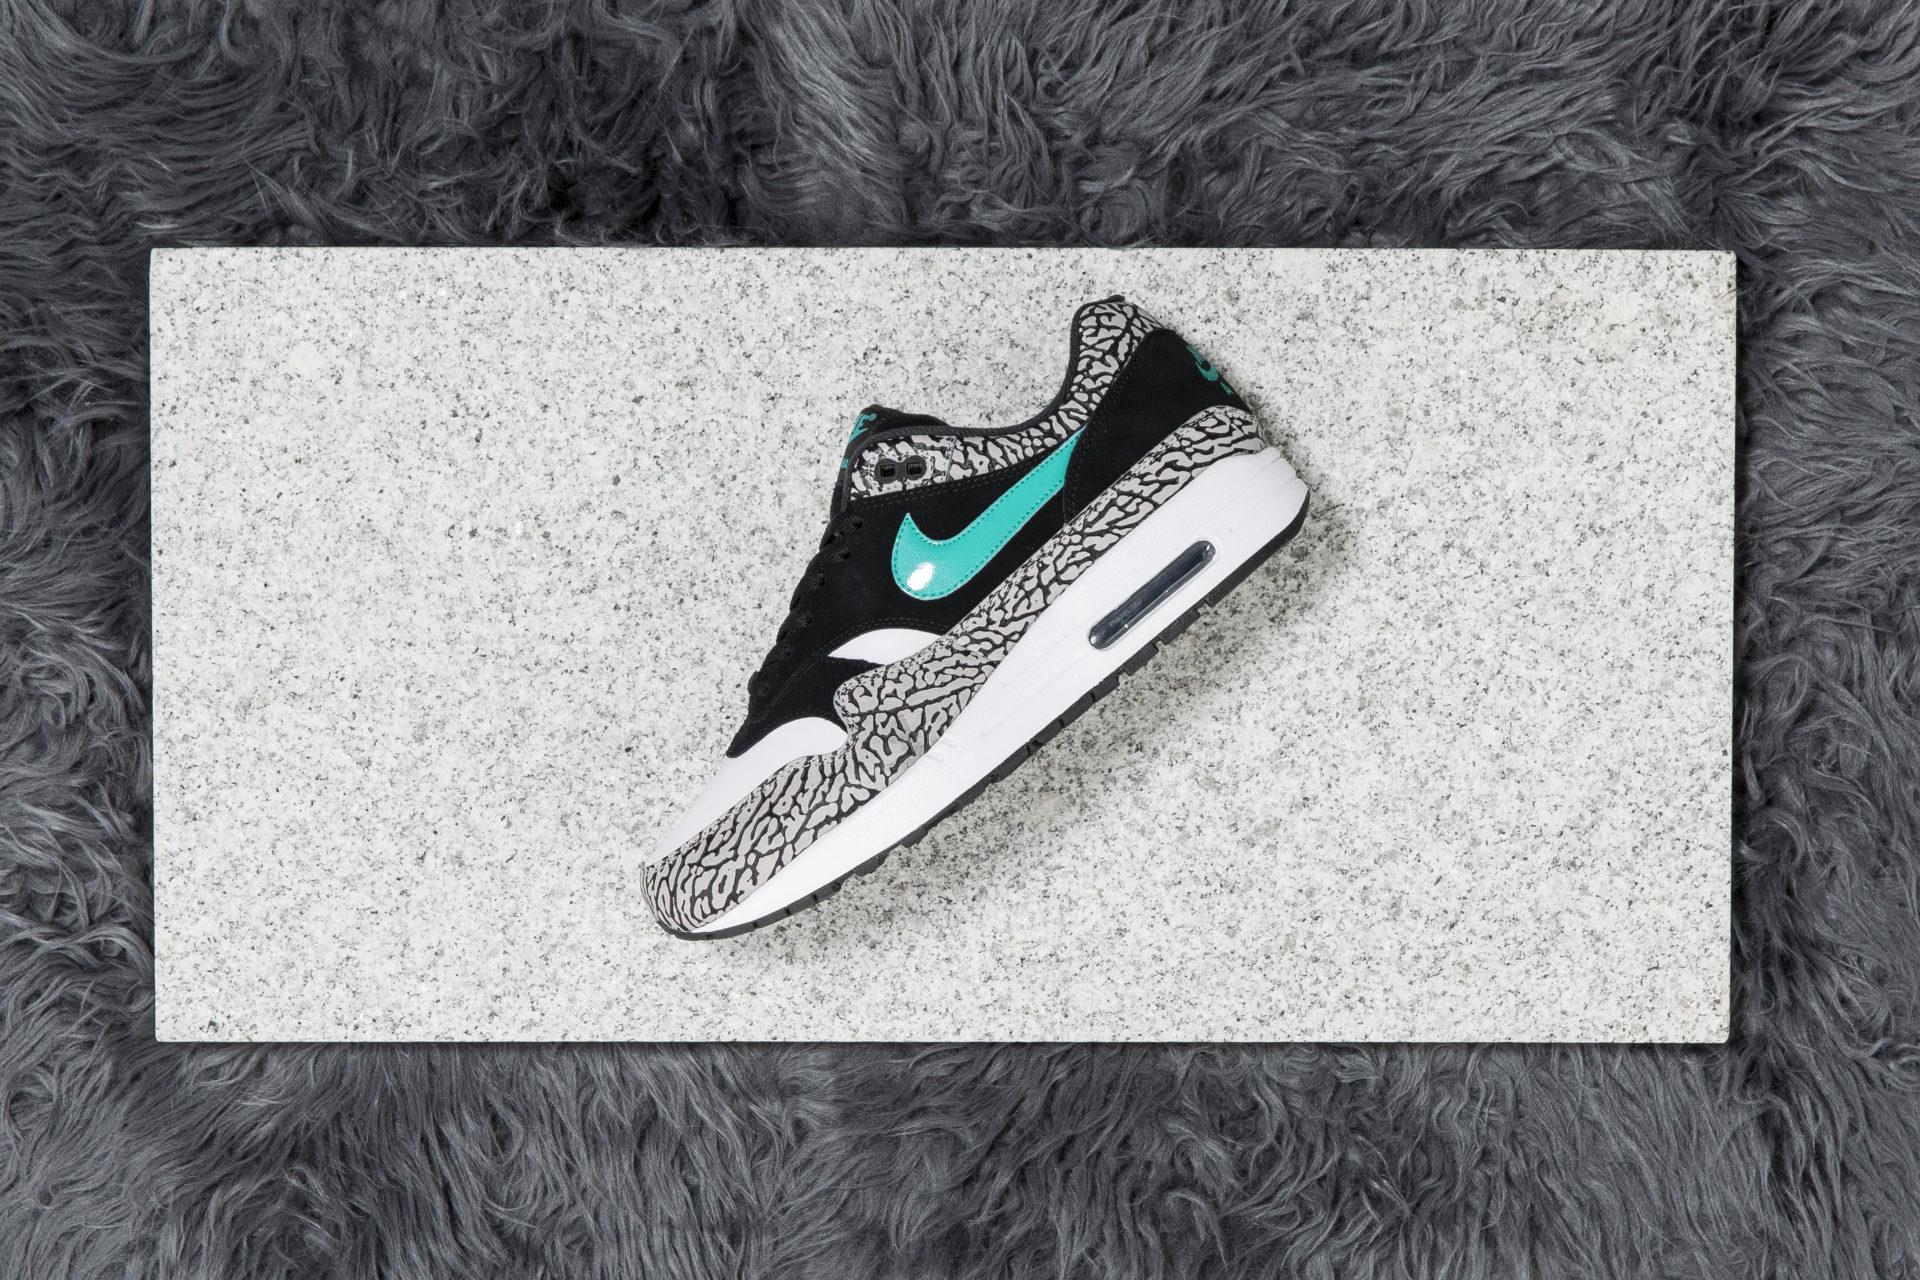 atmos x Air Jordan 3 x Nike Air Max 1 Pack Drops This